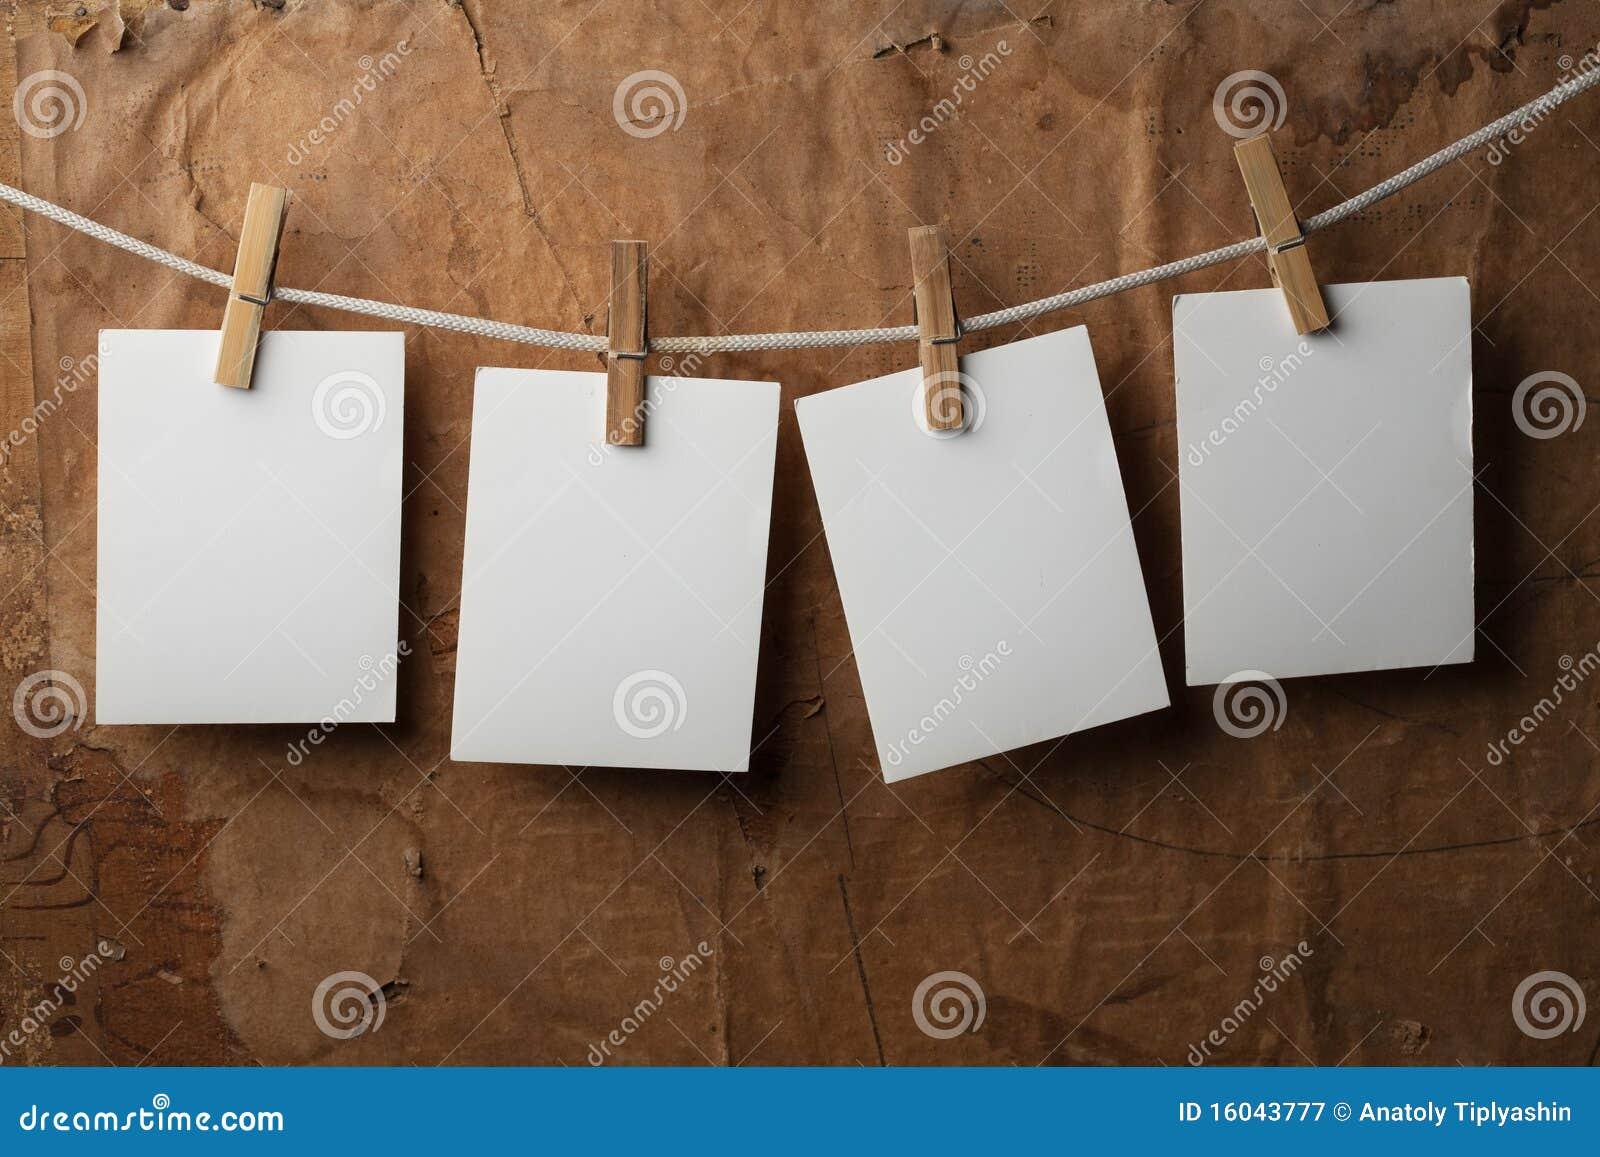 Papierbefestigung mit vier Fotos rope mit Kleidungstiften